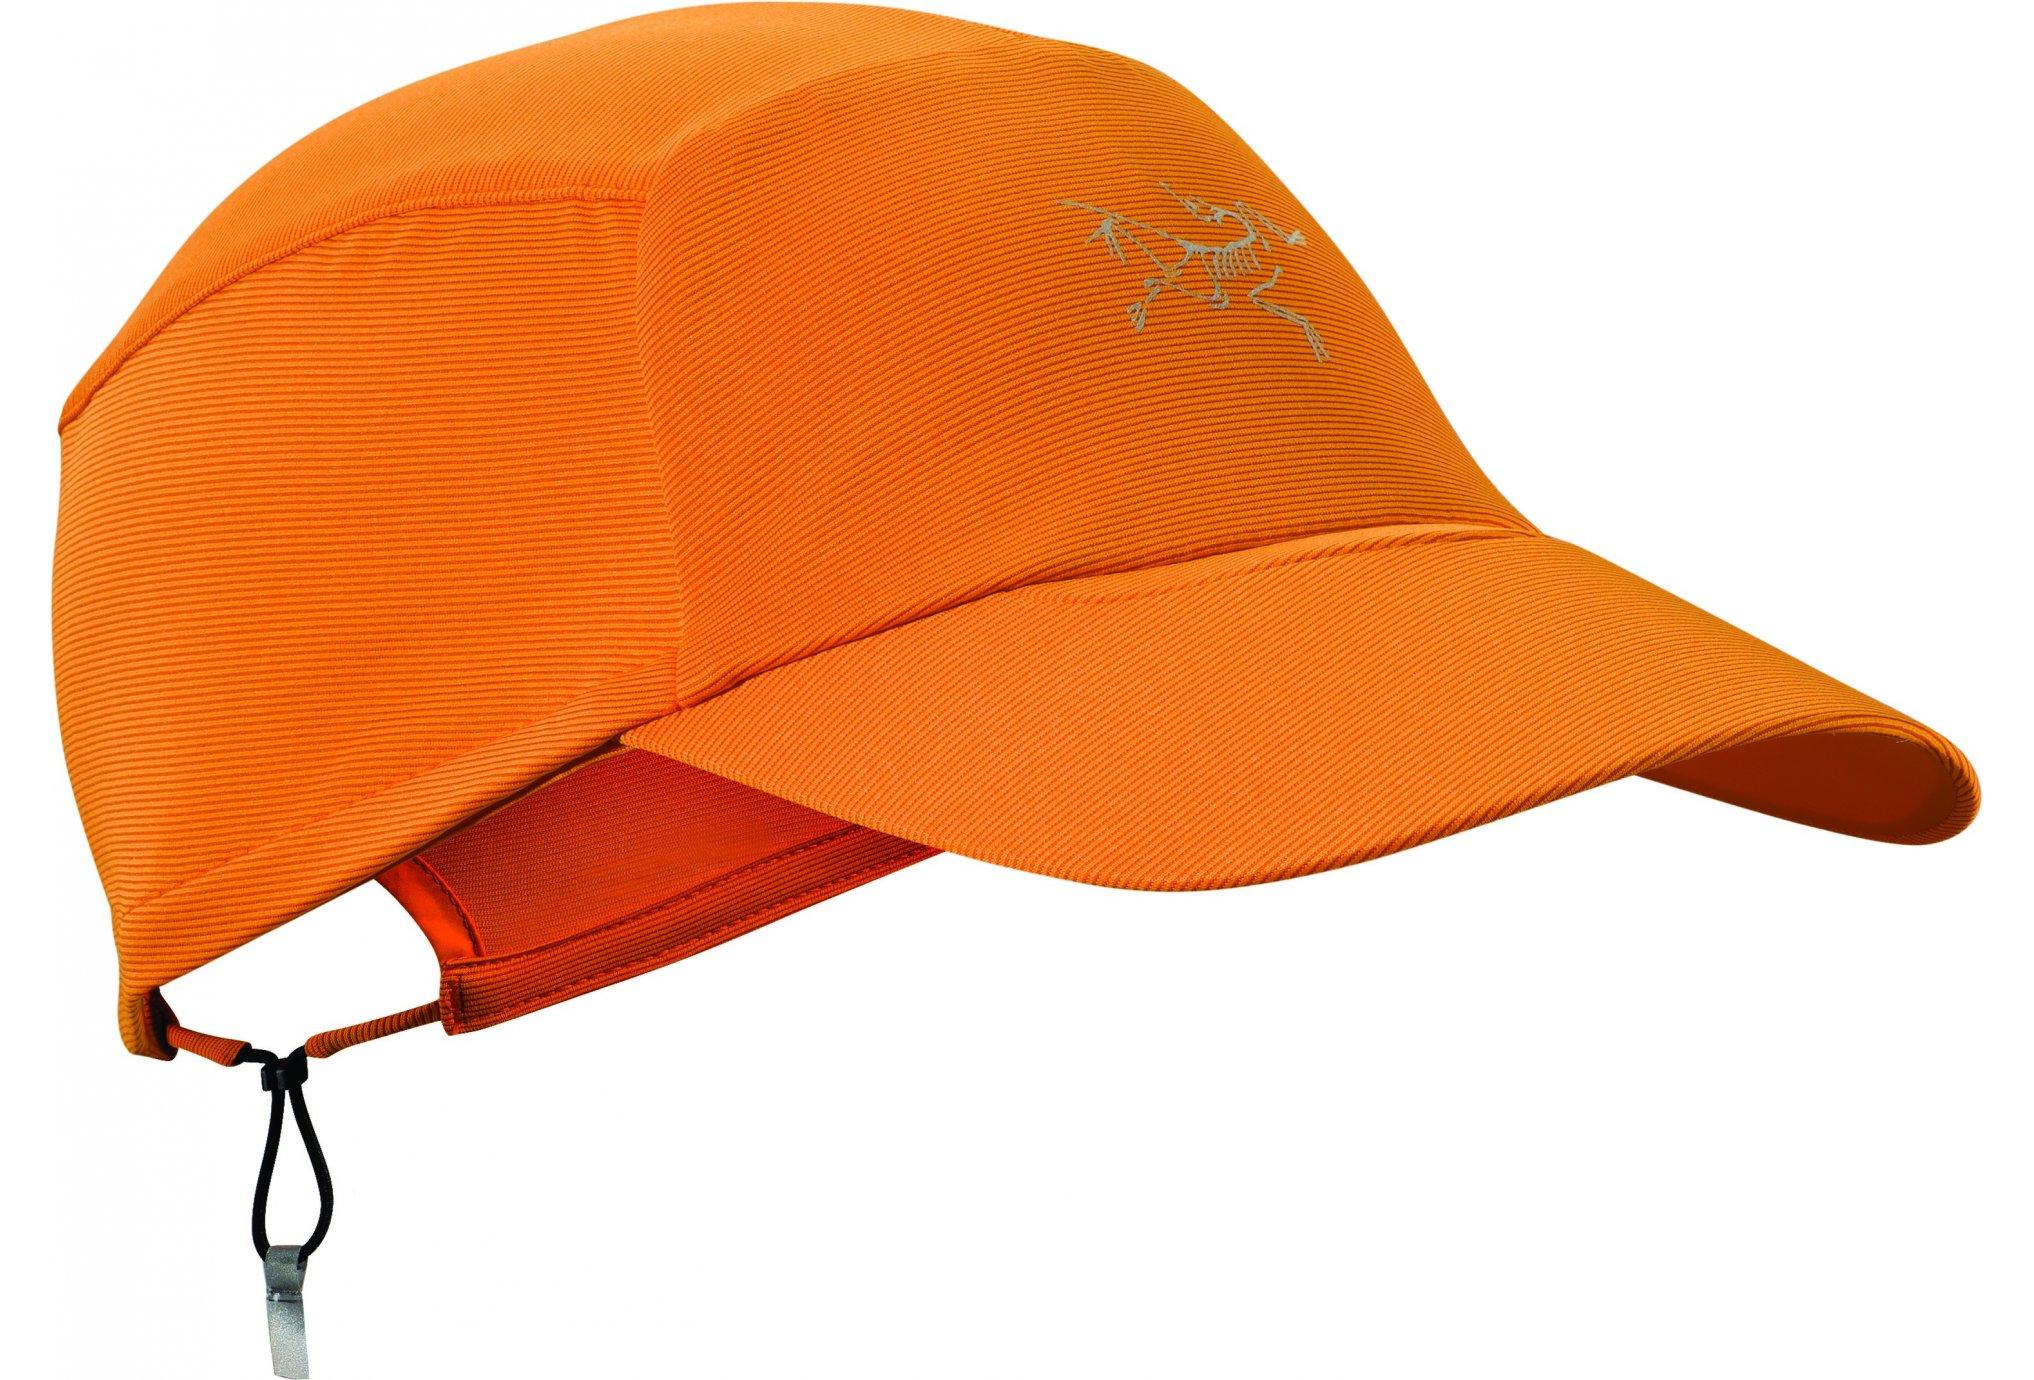 Arcteryx Motus casquettes / bandeaux